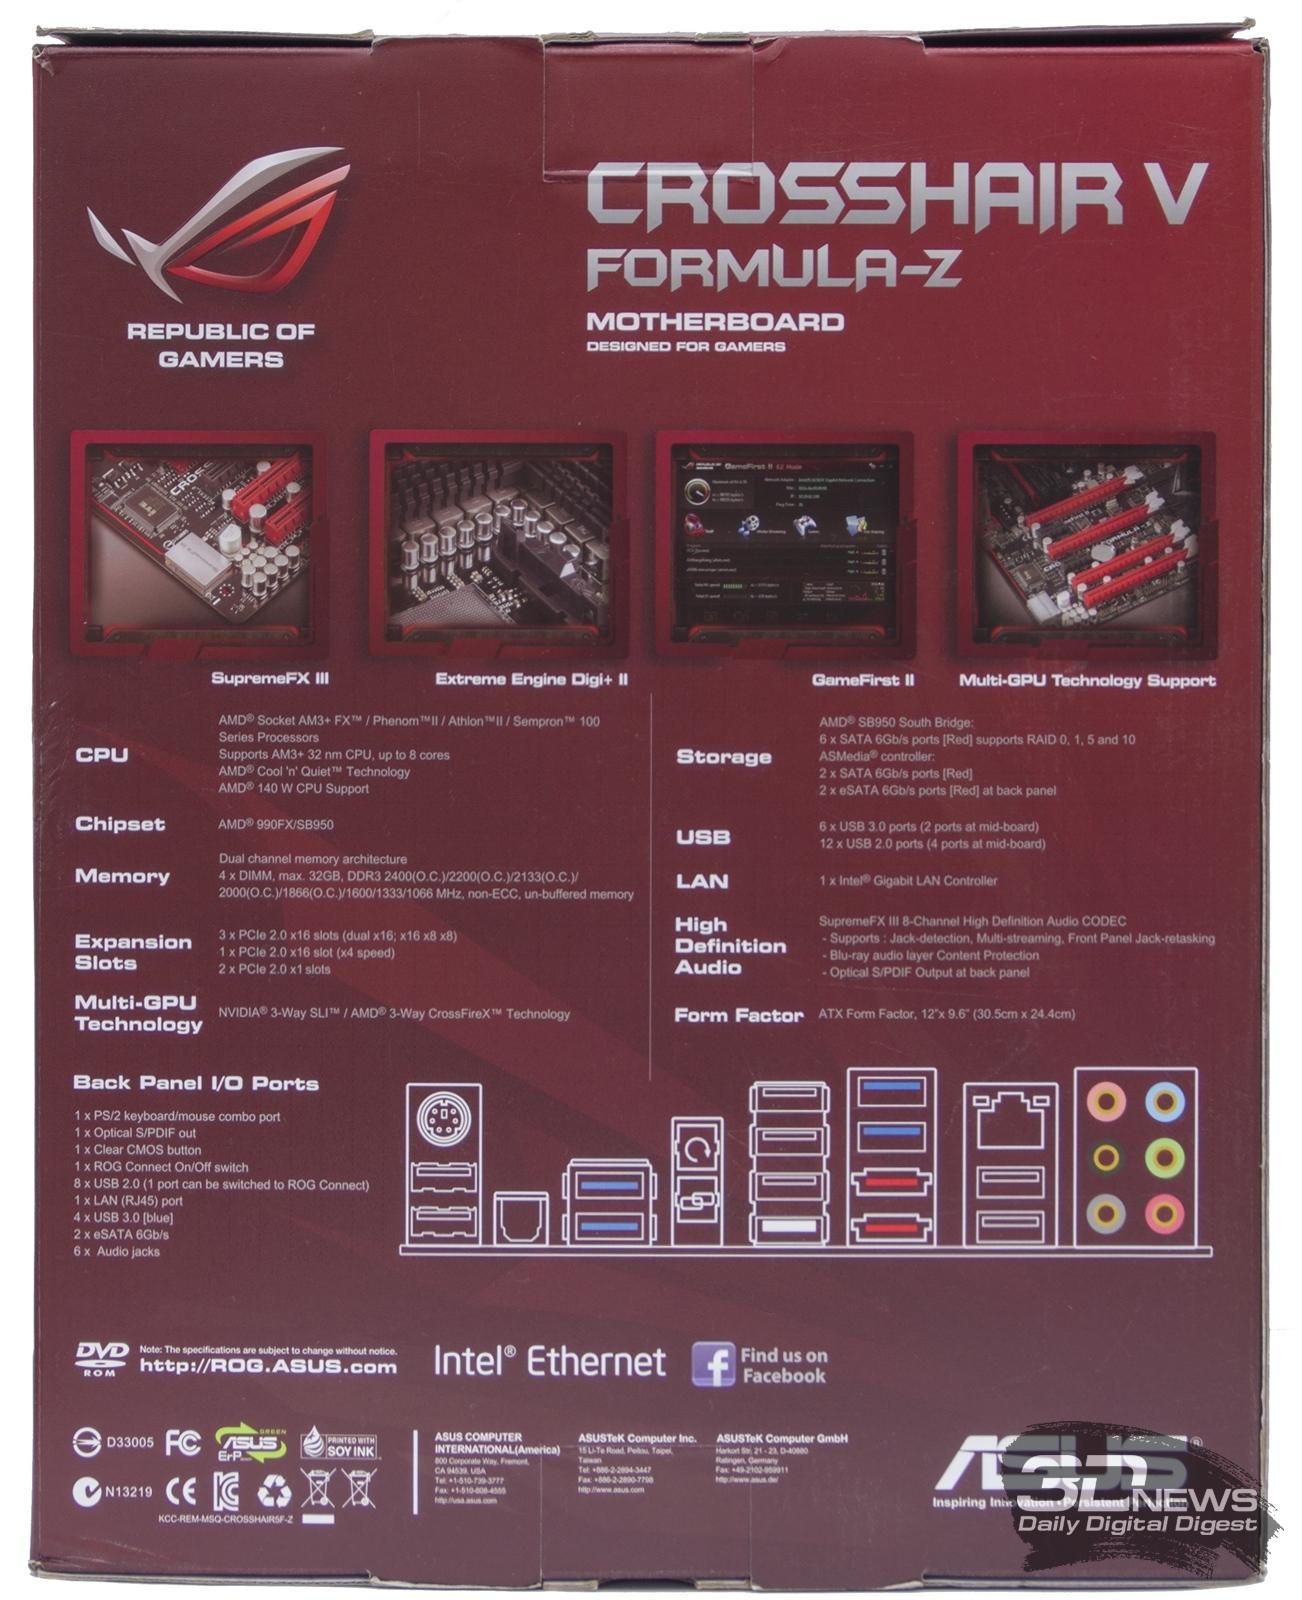 ASUS CROSSHAIR V FORMULATHUNDERBOLT REALTEK LAN DRIVERS FOR WINDOWS 10